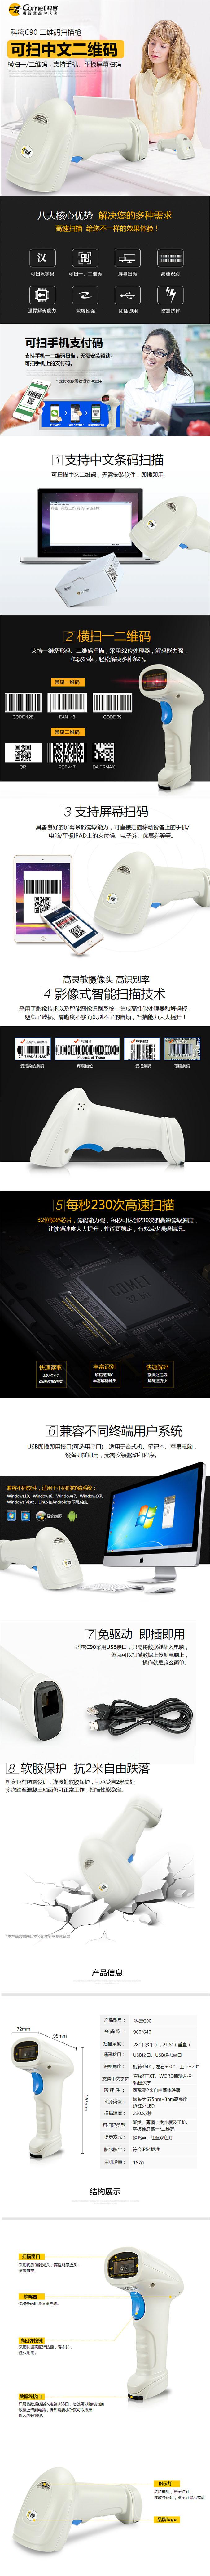 科密 C90中文有线扫描枪一二维码扫码枪高速扫描器 快递条码枪 收银微信支付扫码器